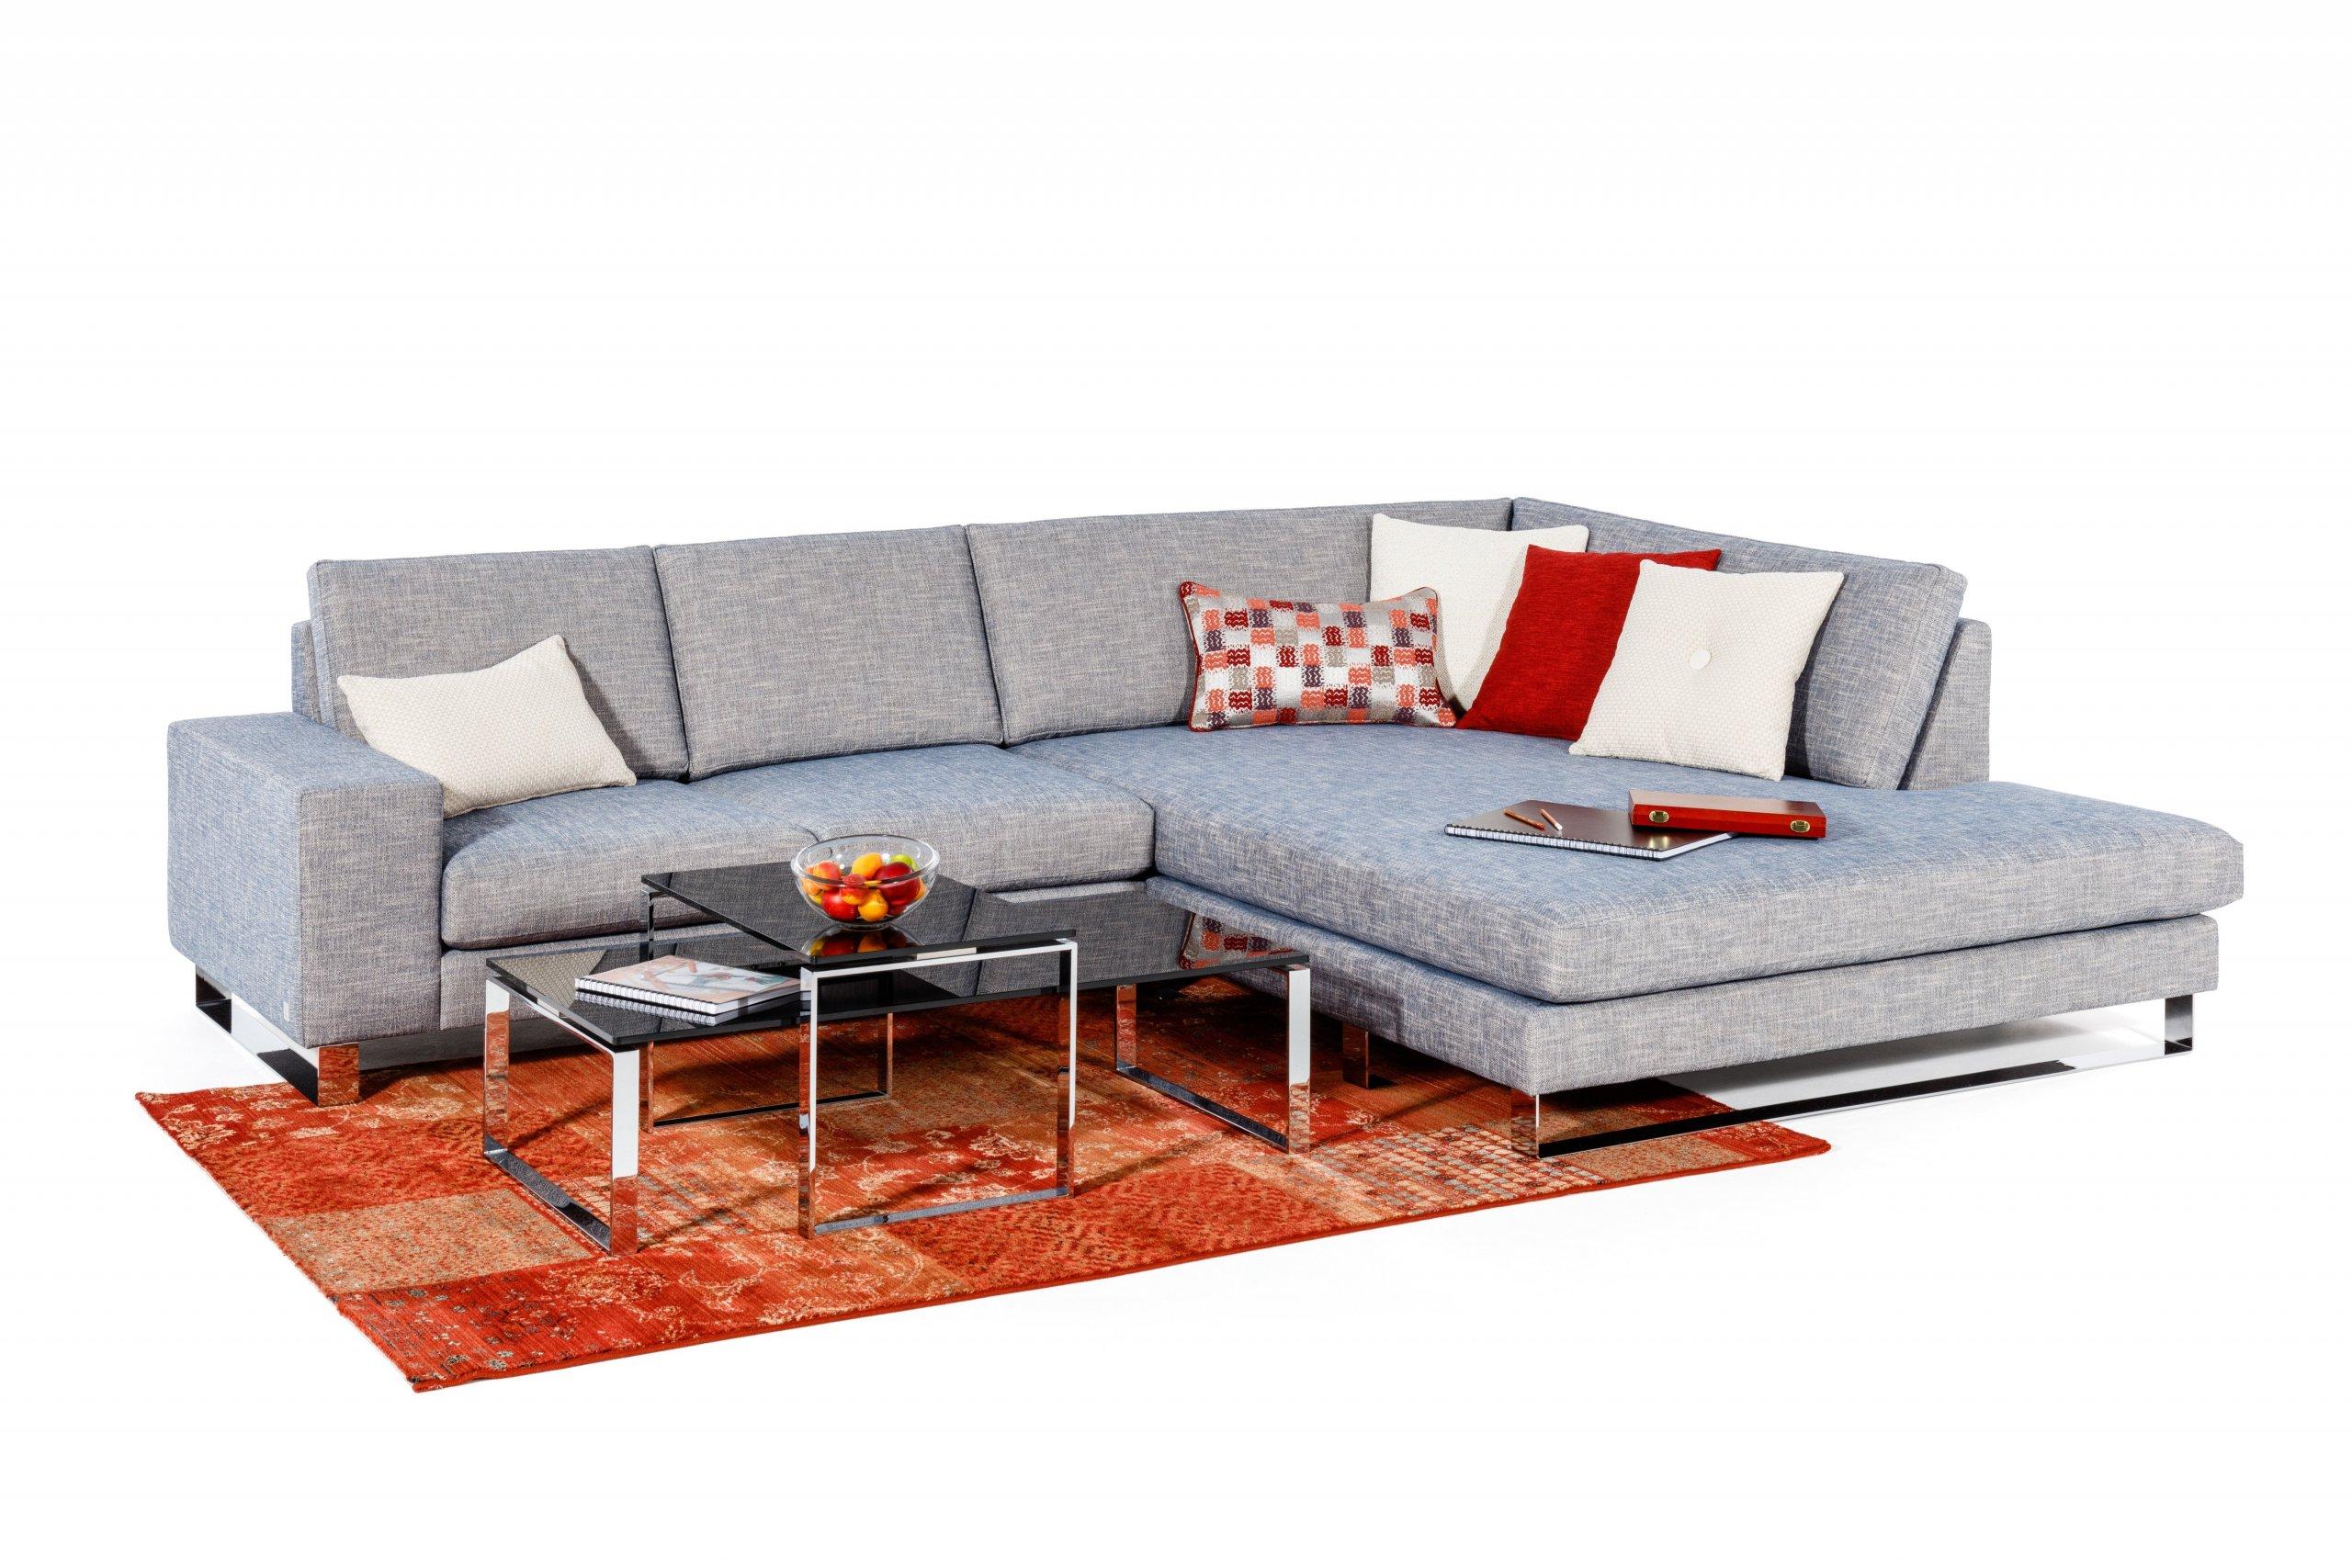 Jsme výrobci sedacích souprav, čalouněných postelí a křesel. Navazujeme na řemeslnou tradici v královéhradeckém kraji, která spadá až do roku 1957. Zakládáme…